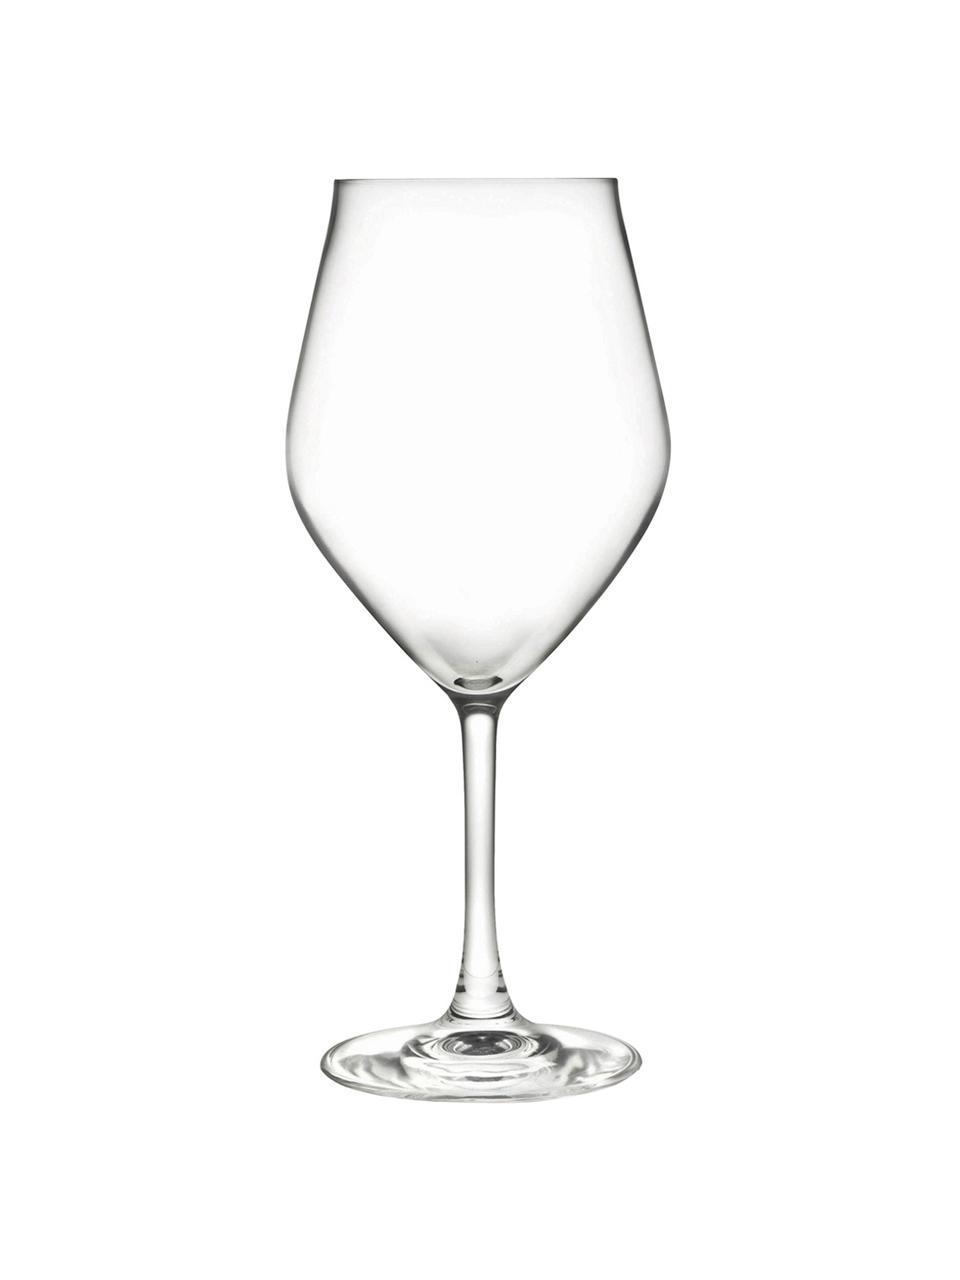 Kieliszek do wina z kryształu Eno, 6 szt., Szkło kryształowe Luxion, Transparentny, Ø 10 x W 22 cm